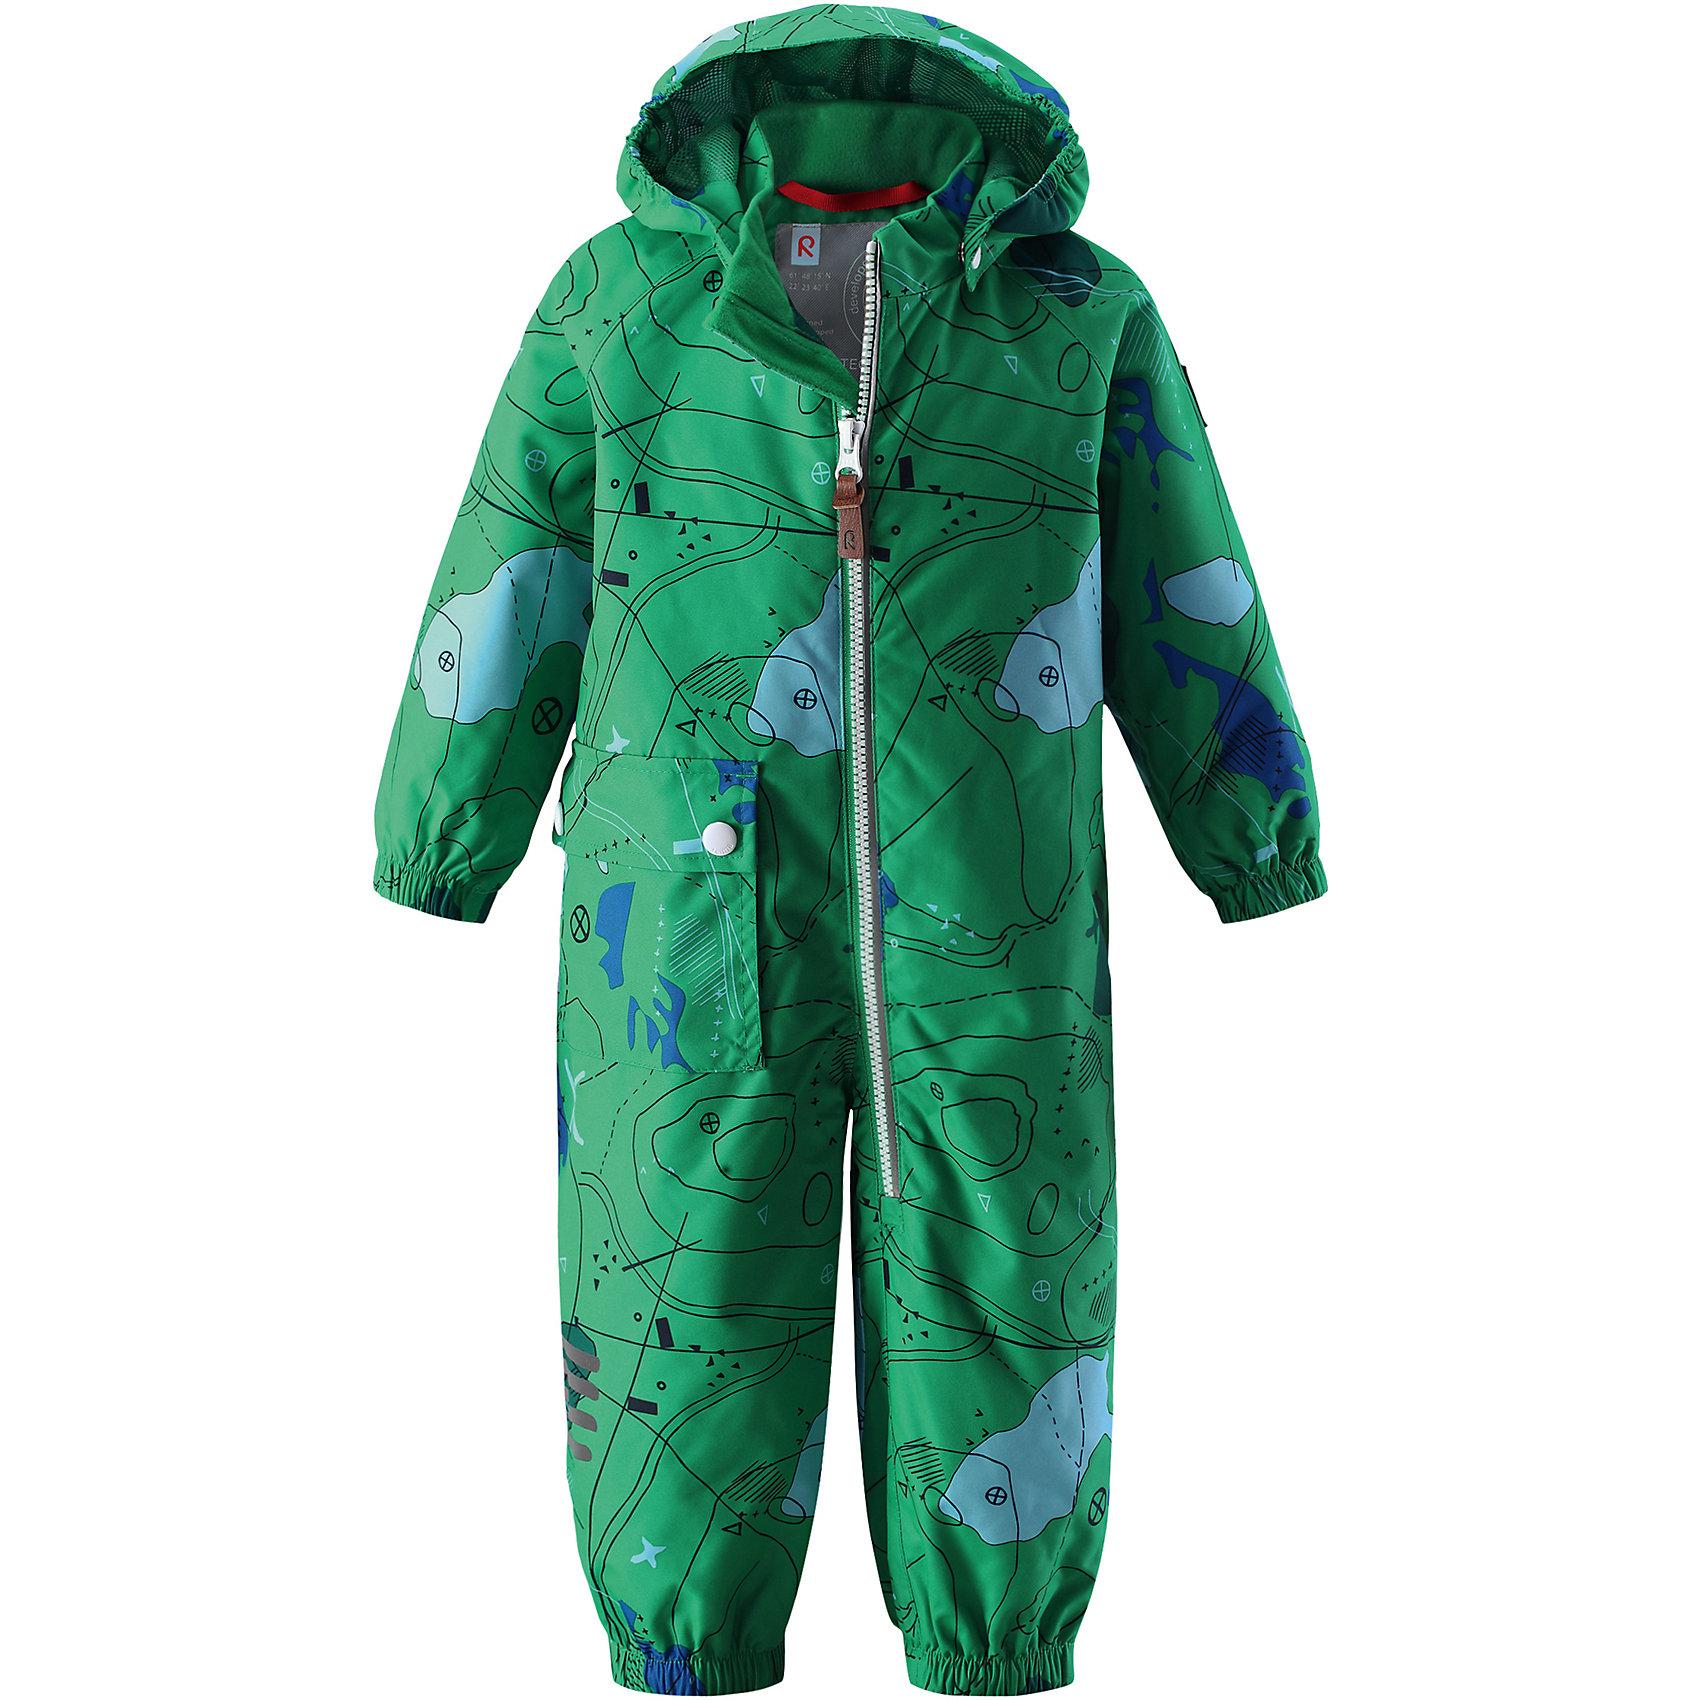 Комбинезон Leikki для мальчика Reimatec® ReimaВерхняя одежда<br>Характеристики товара:<br><br>• цвет: зеленый<br>• состав: 100% полиэстер, полиуретановое покрытие<br>• температурный режим от +5° до +15°С<br>• водонепроницаемость: 8000 мм<br>• воздухопроницаемость: 5000  мм<br>• износостойкость: 30000 циклов (тест Мартиндейла)<br>• без утеплителя<br>• швы проклеены, водонепроницаемы<br>• водо- и ветронепроницаемый, дышащий, грязеотталкивающий материал<br>• гладкая подкладка из полиэстера по всему изделию, mesh-сетка на капюшоне<br>• безопасный съёмный капюшон<br>• эластичные манжеты<br>• талия регулируется изнутри<br>• эластичные манжеты на брючинах<br>• эластичный съёмные штрипки<br>• накладной карман<br>• светоотражающие детали<br>• комфортная посадка<br>• страна производства: Китай<br>• страна бренда: Финляндия<br>• коллекция: весна-лето 2017<br><br>Верхняя одежда для детей может быть модной и комфортной одновременно! Демисезонный комбинезон поможет обеспечить ребенку комфорт и тепло. Он отлично смотрится с различной обувью. Изделие удобно сидит и модно выглядит. Материал - прочный, хорошо подходящий для межсезонья, водо- и ветронепроницаемый, «дышащий». Стильный дизайн разрабатывался специально для детей.<br><br>Одежда и обувь от финского бренда Reima пользуется популярностью во многих странах. Эти изделия стильные, качественные и удобные. Для производства продукции используются только безопасные, проверенные материалы и фурнитура. Порадуйте ребенка модными и красивыми вещами от Reima! <br><br>Комбинезон для мальчика Reimatec® от финского бренда Reima (Рейма) можно купить в нашем интернет-магазине.<br><br>Ширина мм: 356<br>Глубина мм: 10<br>Высота мм: 245<br>Вес г: 519<br>Цвет: зеленый<br>Возраст от месяцев: 24<br>Возраст до месяцев: 36<br>Пол: Мужской<br>Возраст: Детский<br>Размер: 98,74,80,92,86<br>SKU: 5265646